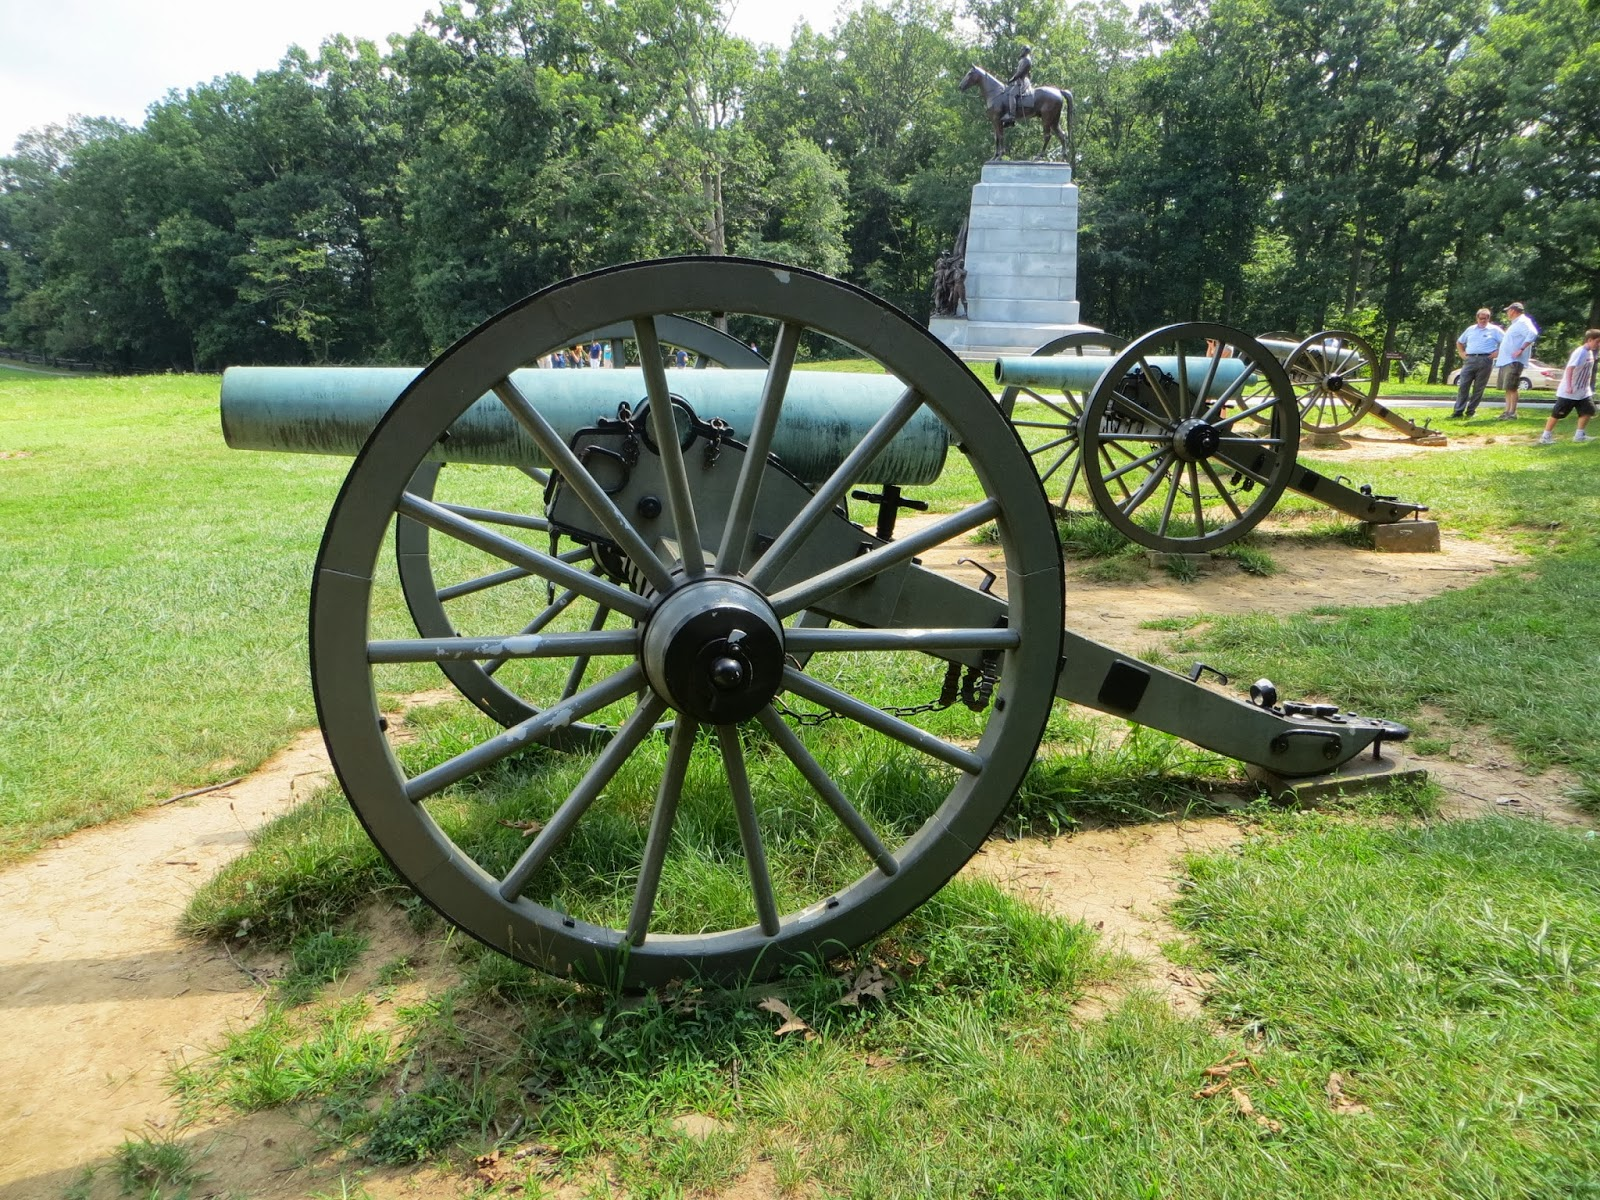 battle essay gettysburg will write travel photo essay gettysburg national military park will write travel will write travel photo essay gettysburg national military park will